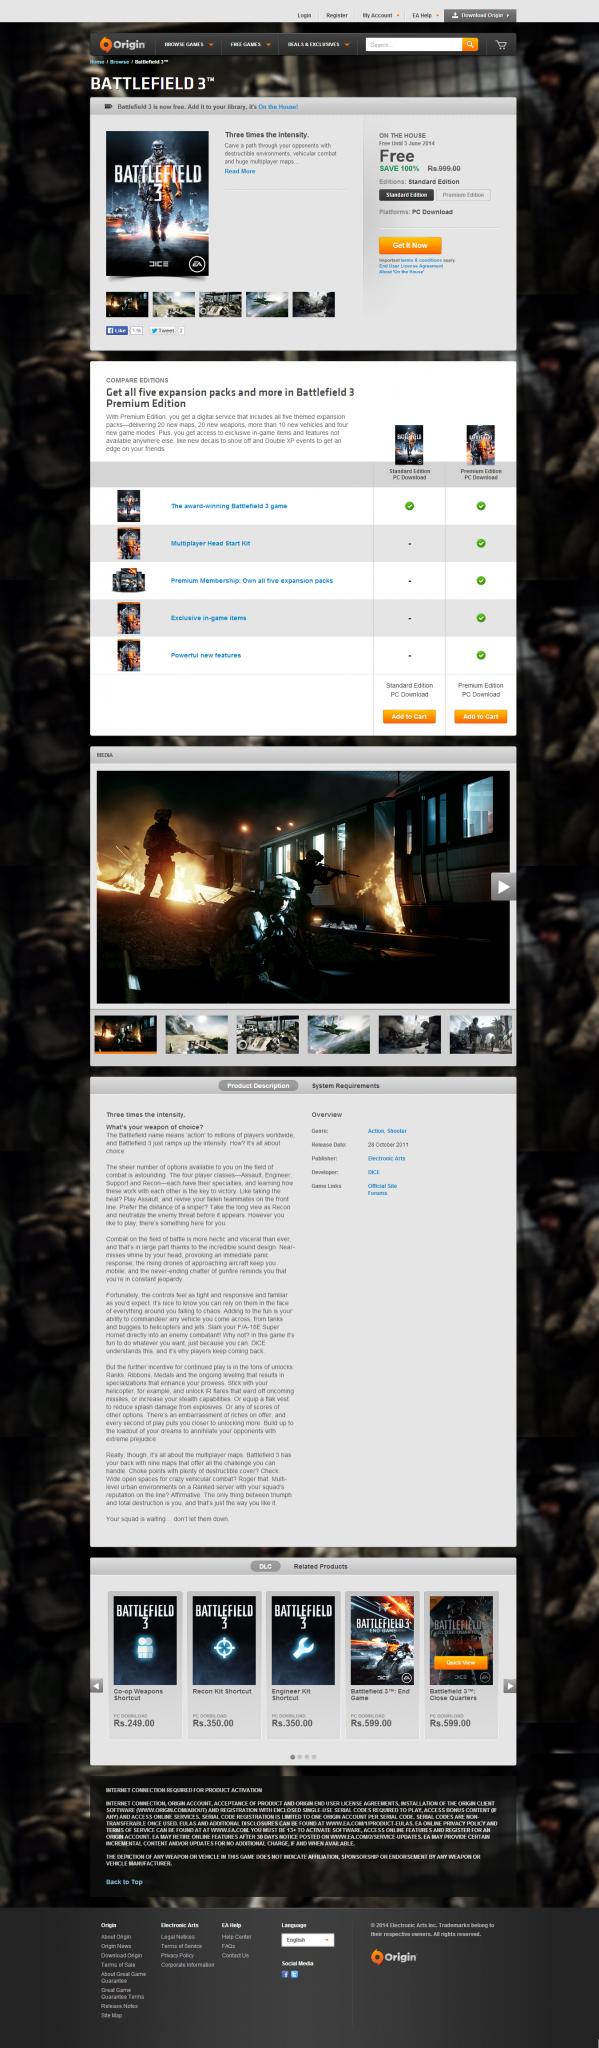 Battlefield3 Free Origin AndroDollar 1 - DEAL ALERT : Battlefield 3 Free on Origin [EXPIRED]